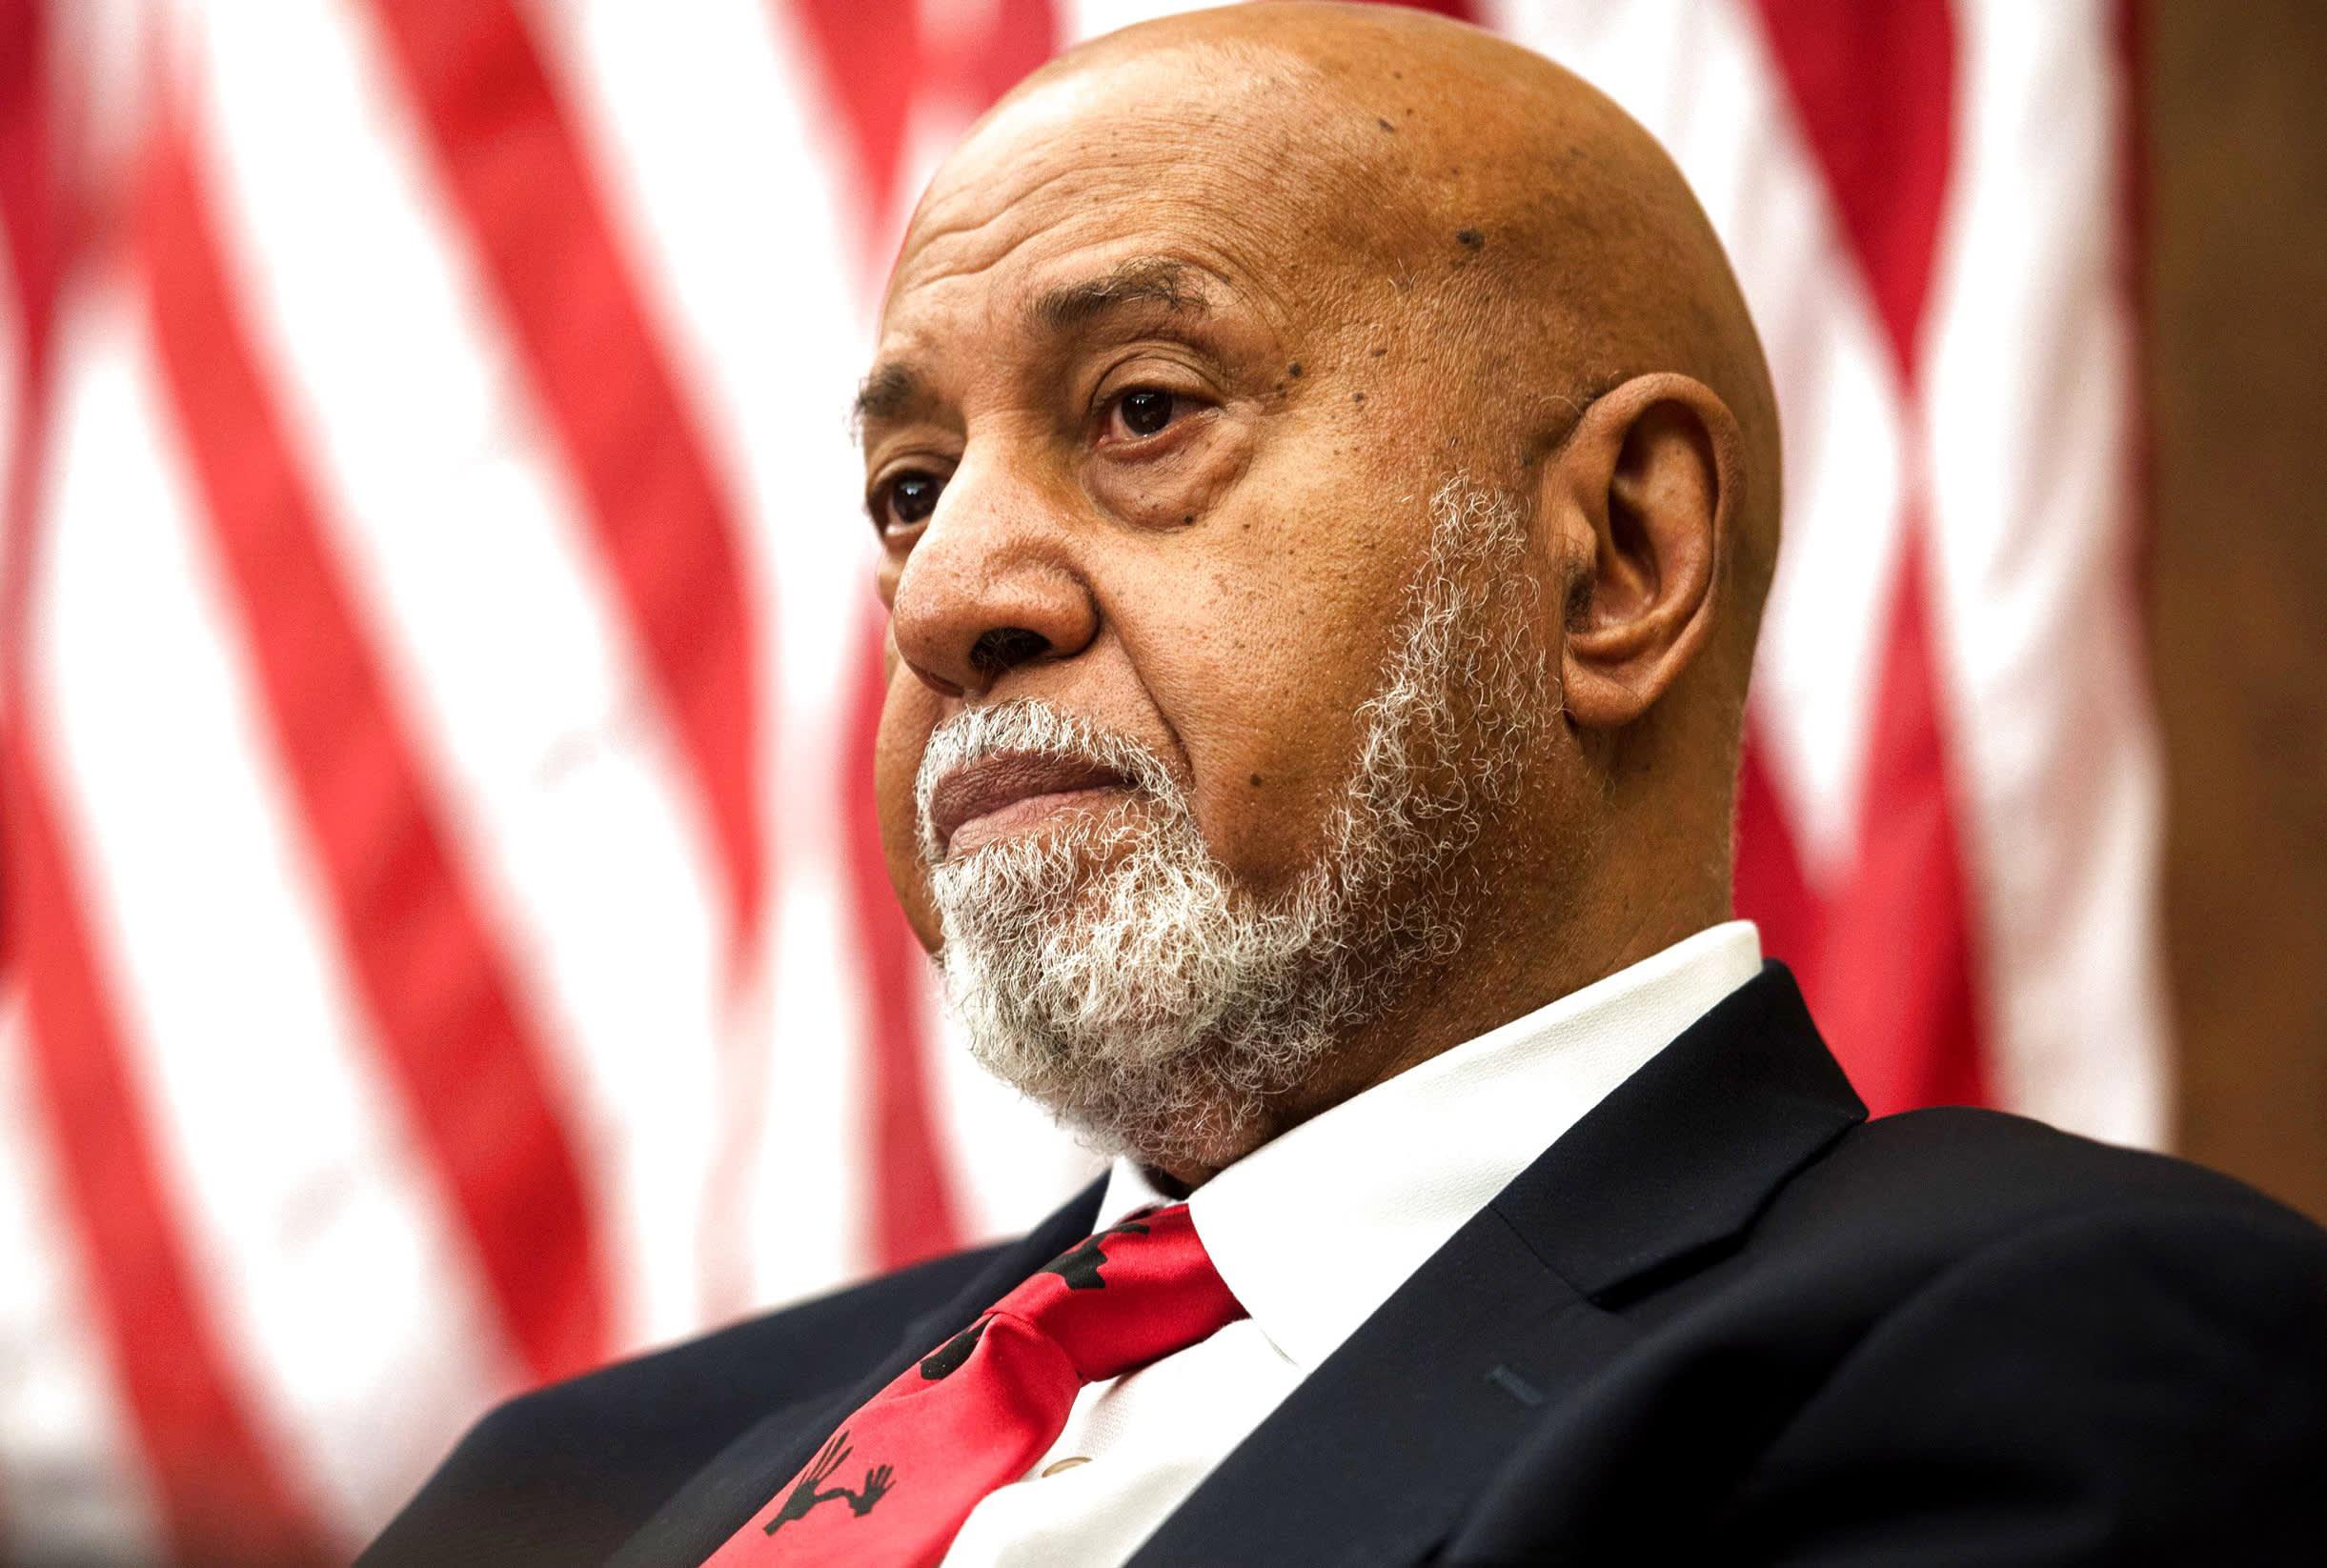 Rep. Alcee Hastings dies, narrowing Democratic House majority to just 7